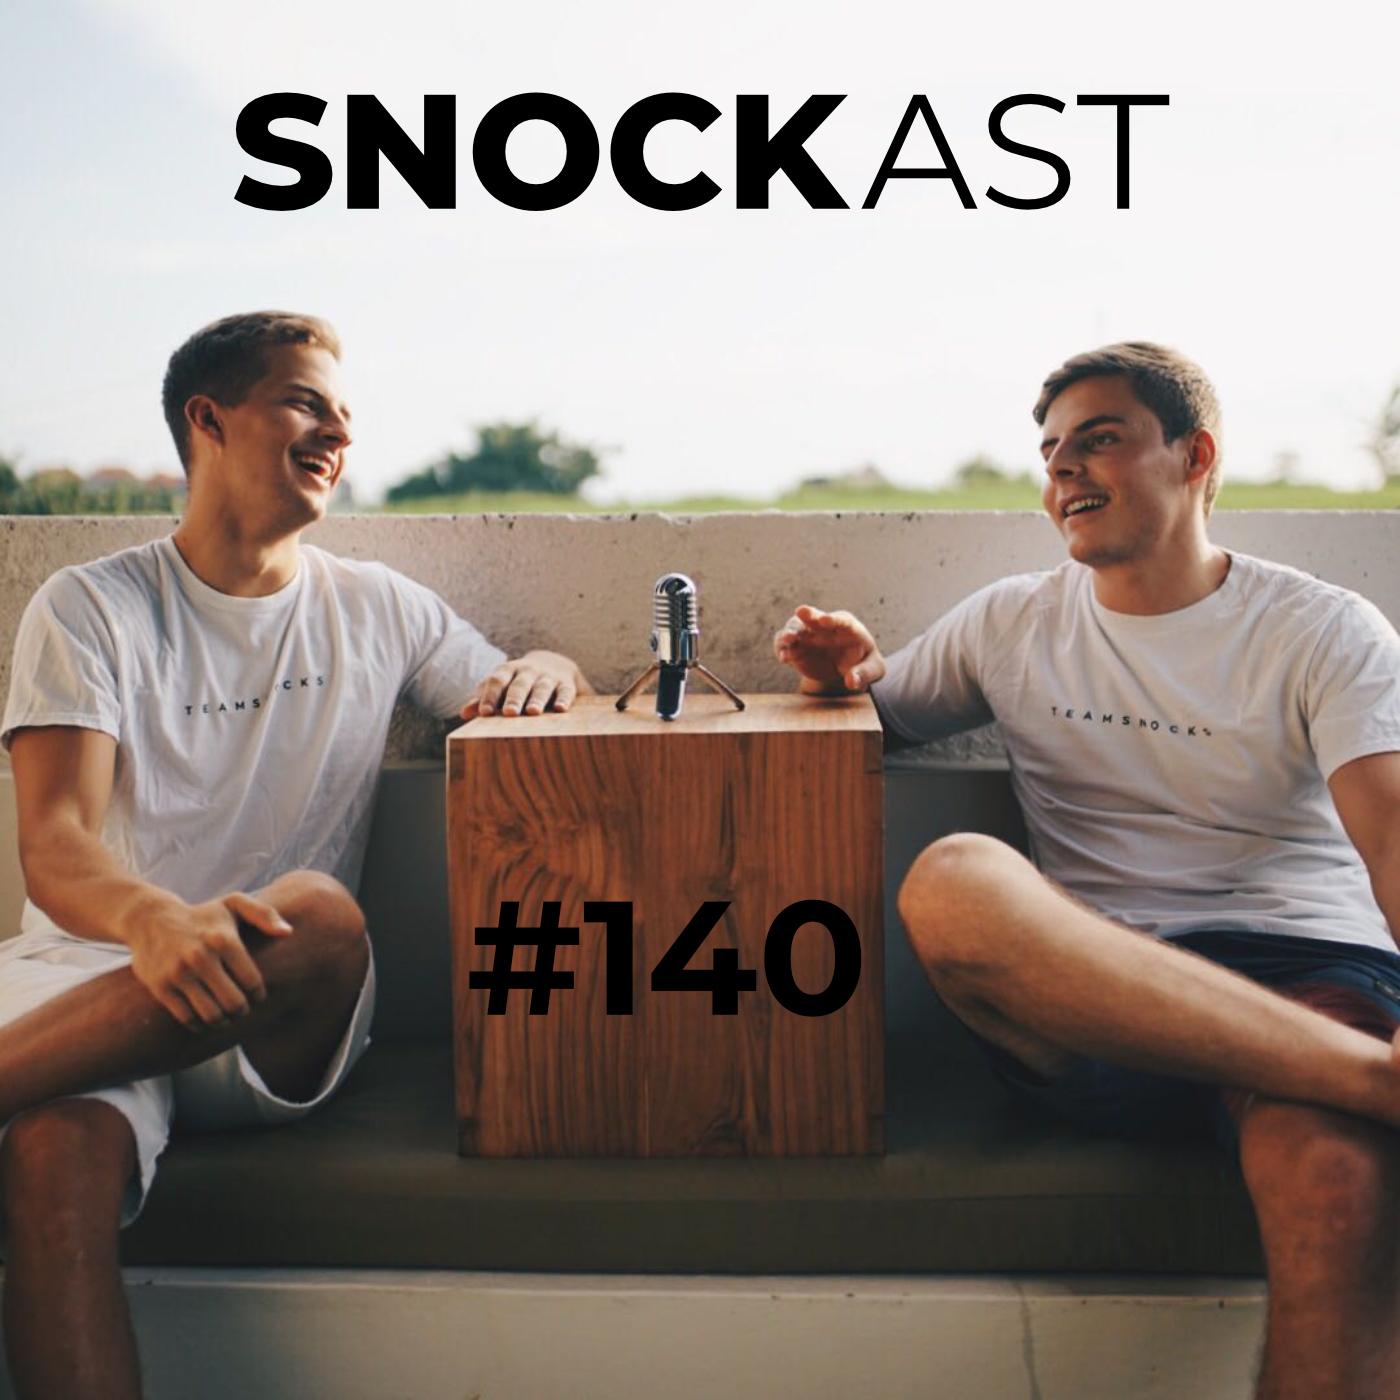 #140 – #interview – Selbständig mit einem eigenen Foodtruck! Wie geht das?